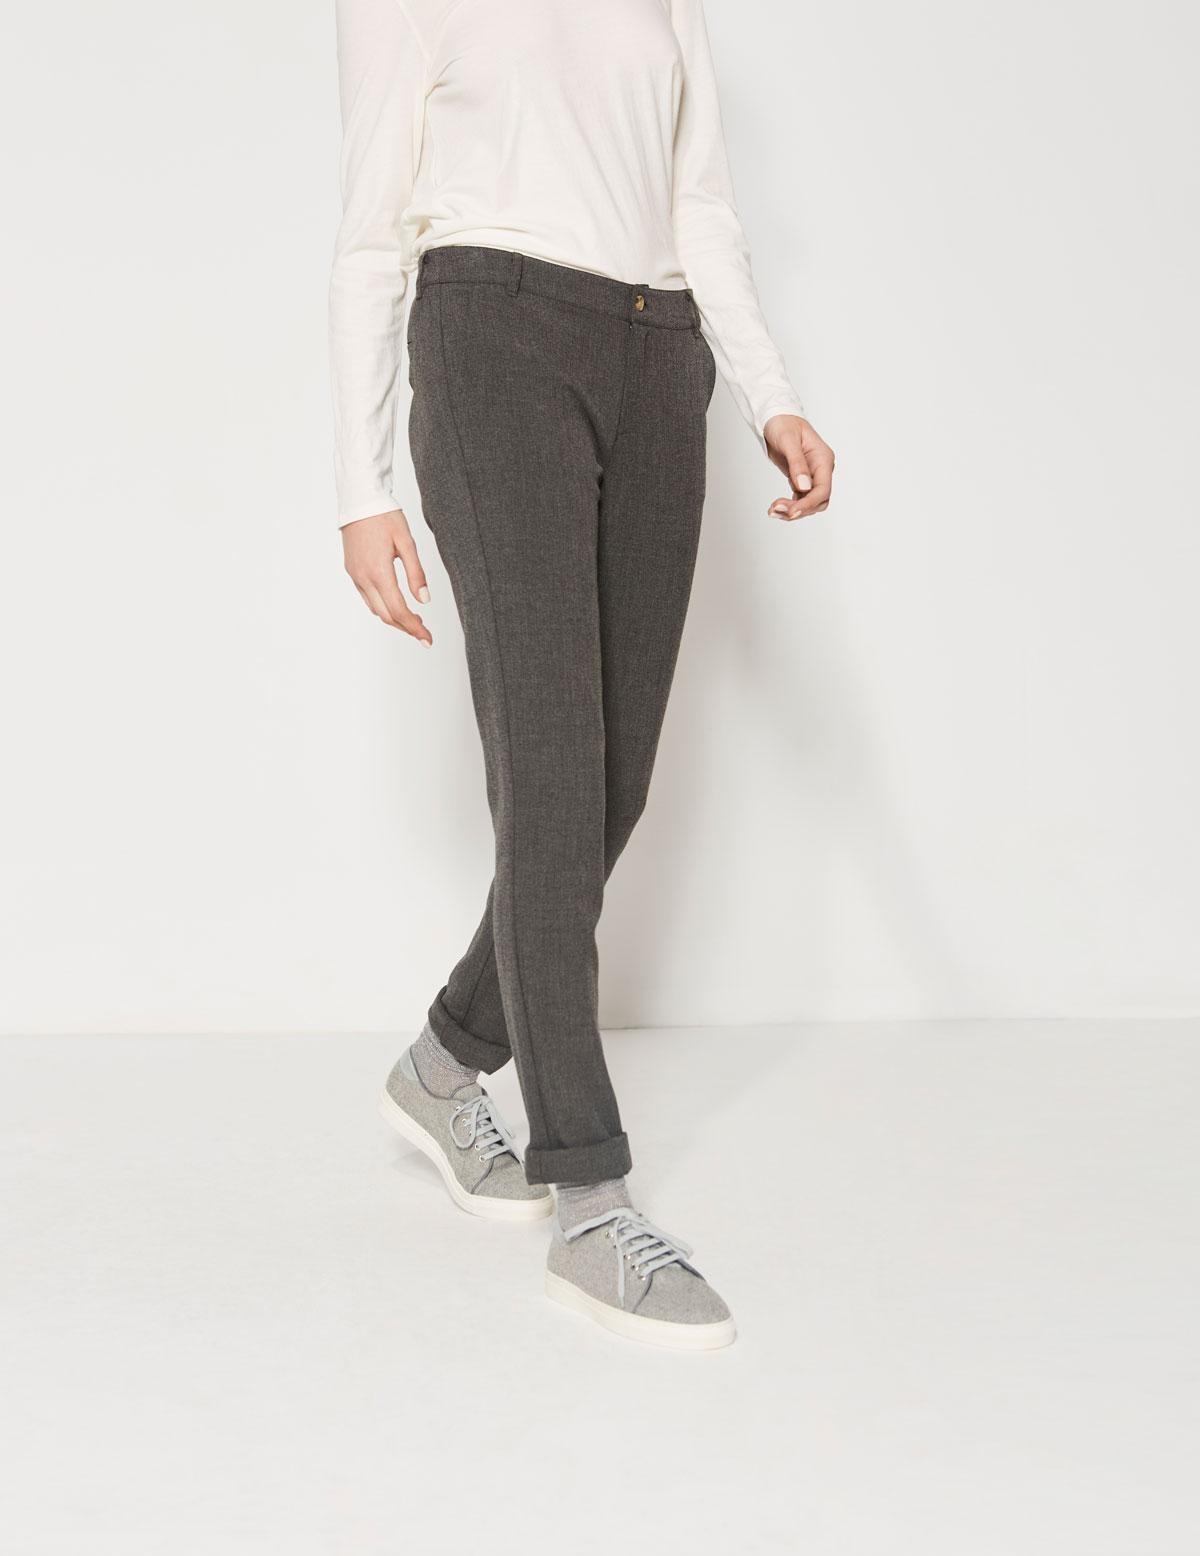 Pantalón largo - Ítem1